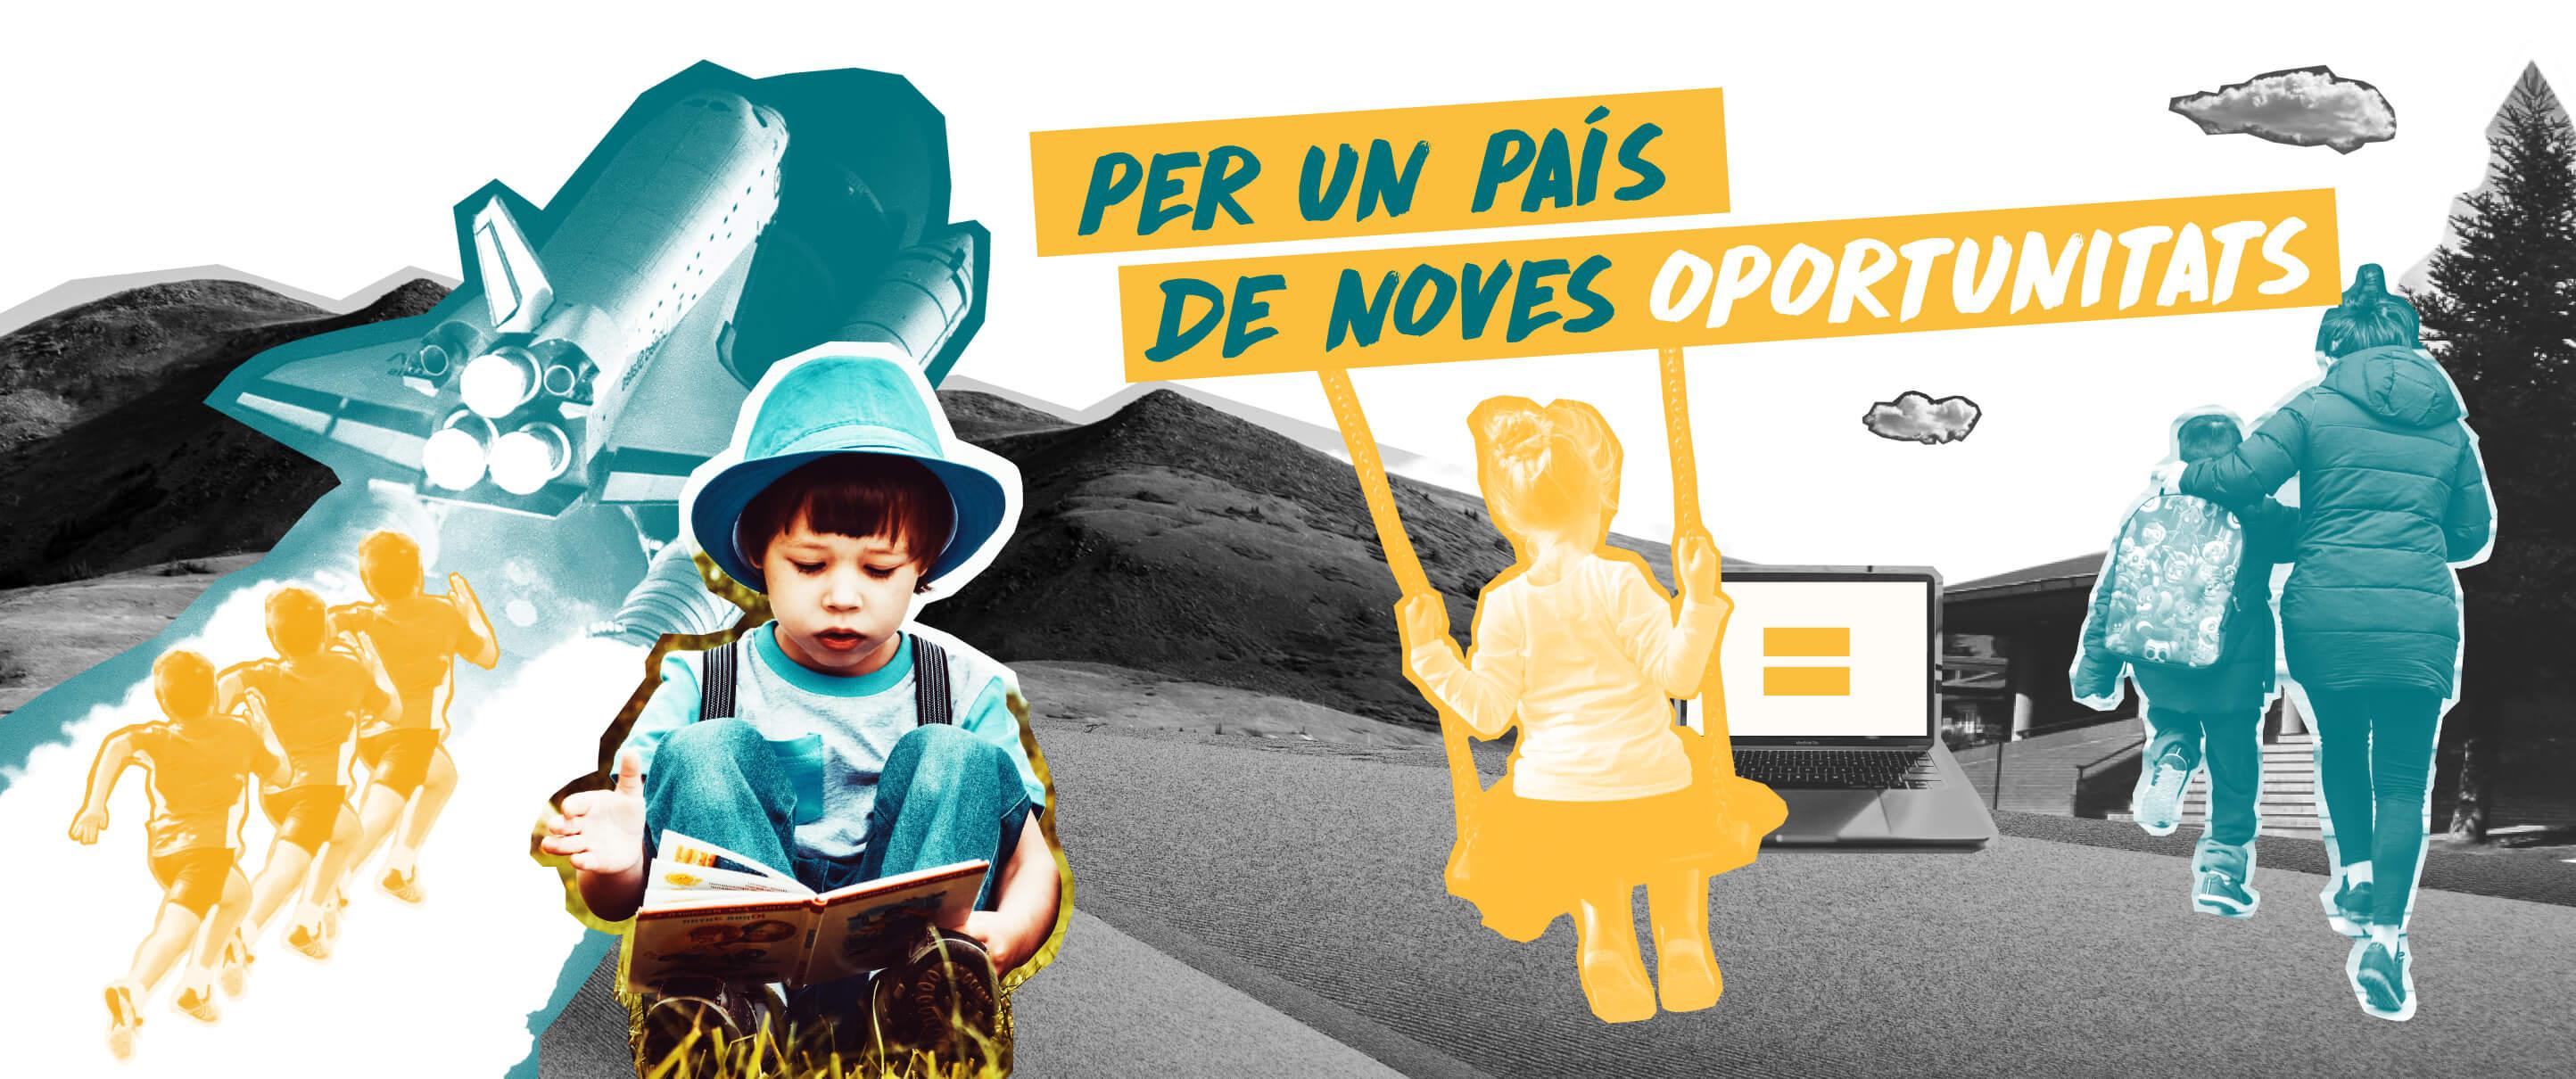 Nota de premsa: Una agenda de propostes en educació davant la crisi de la COVID-19